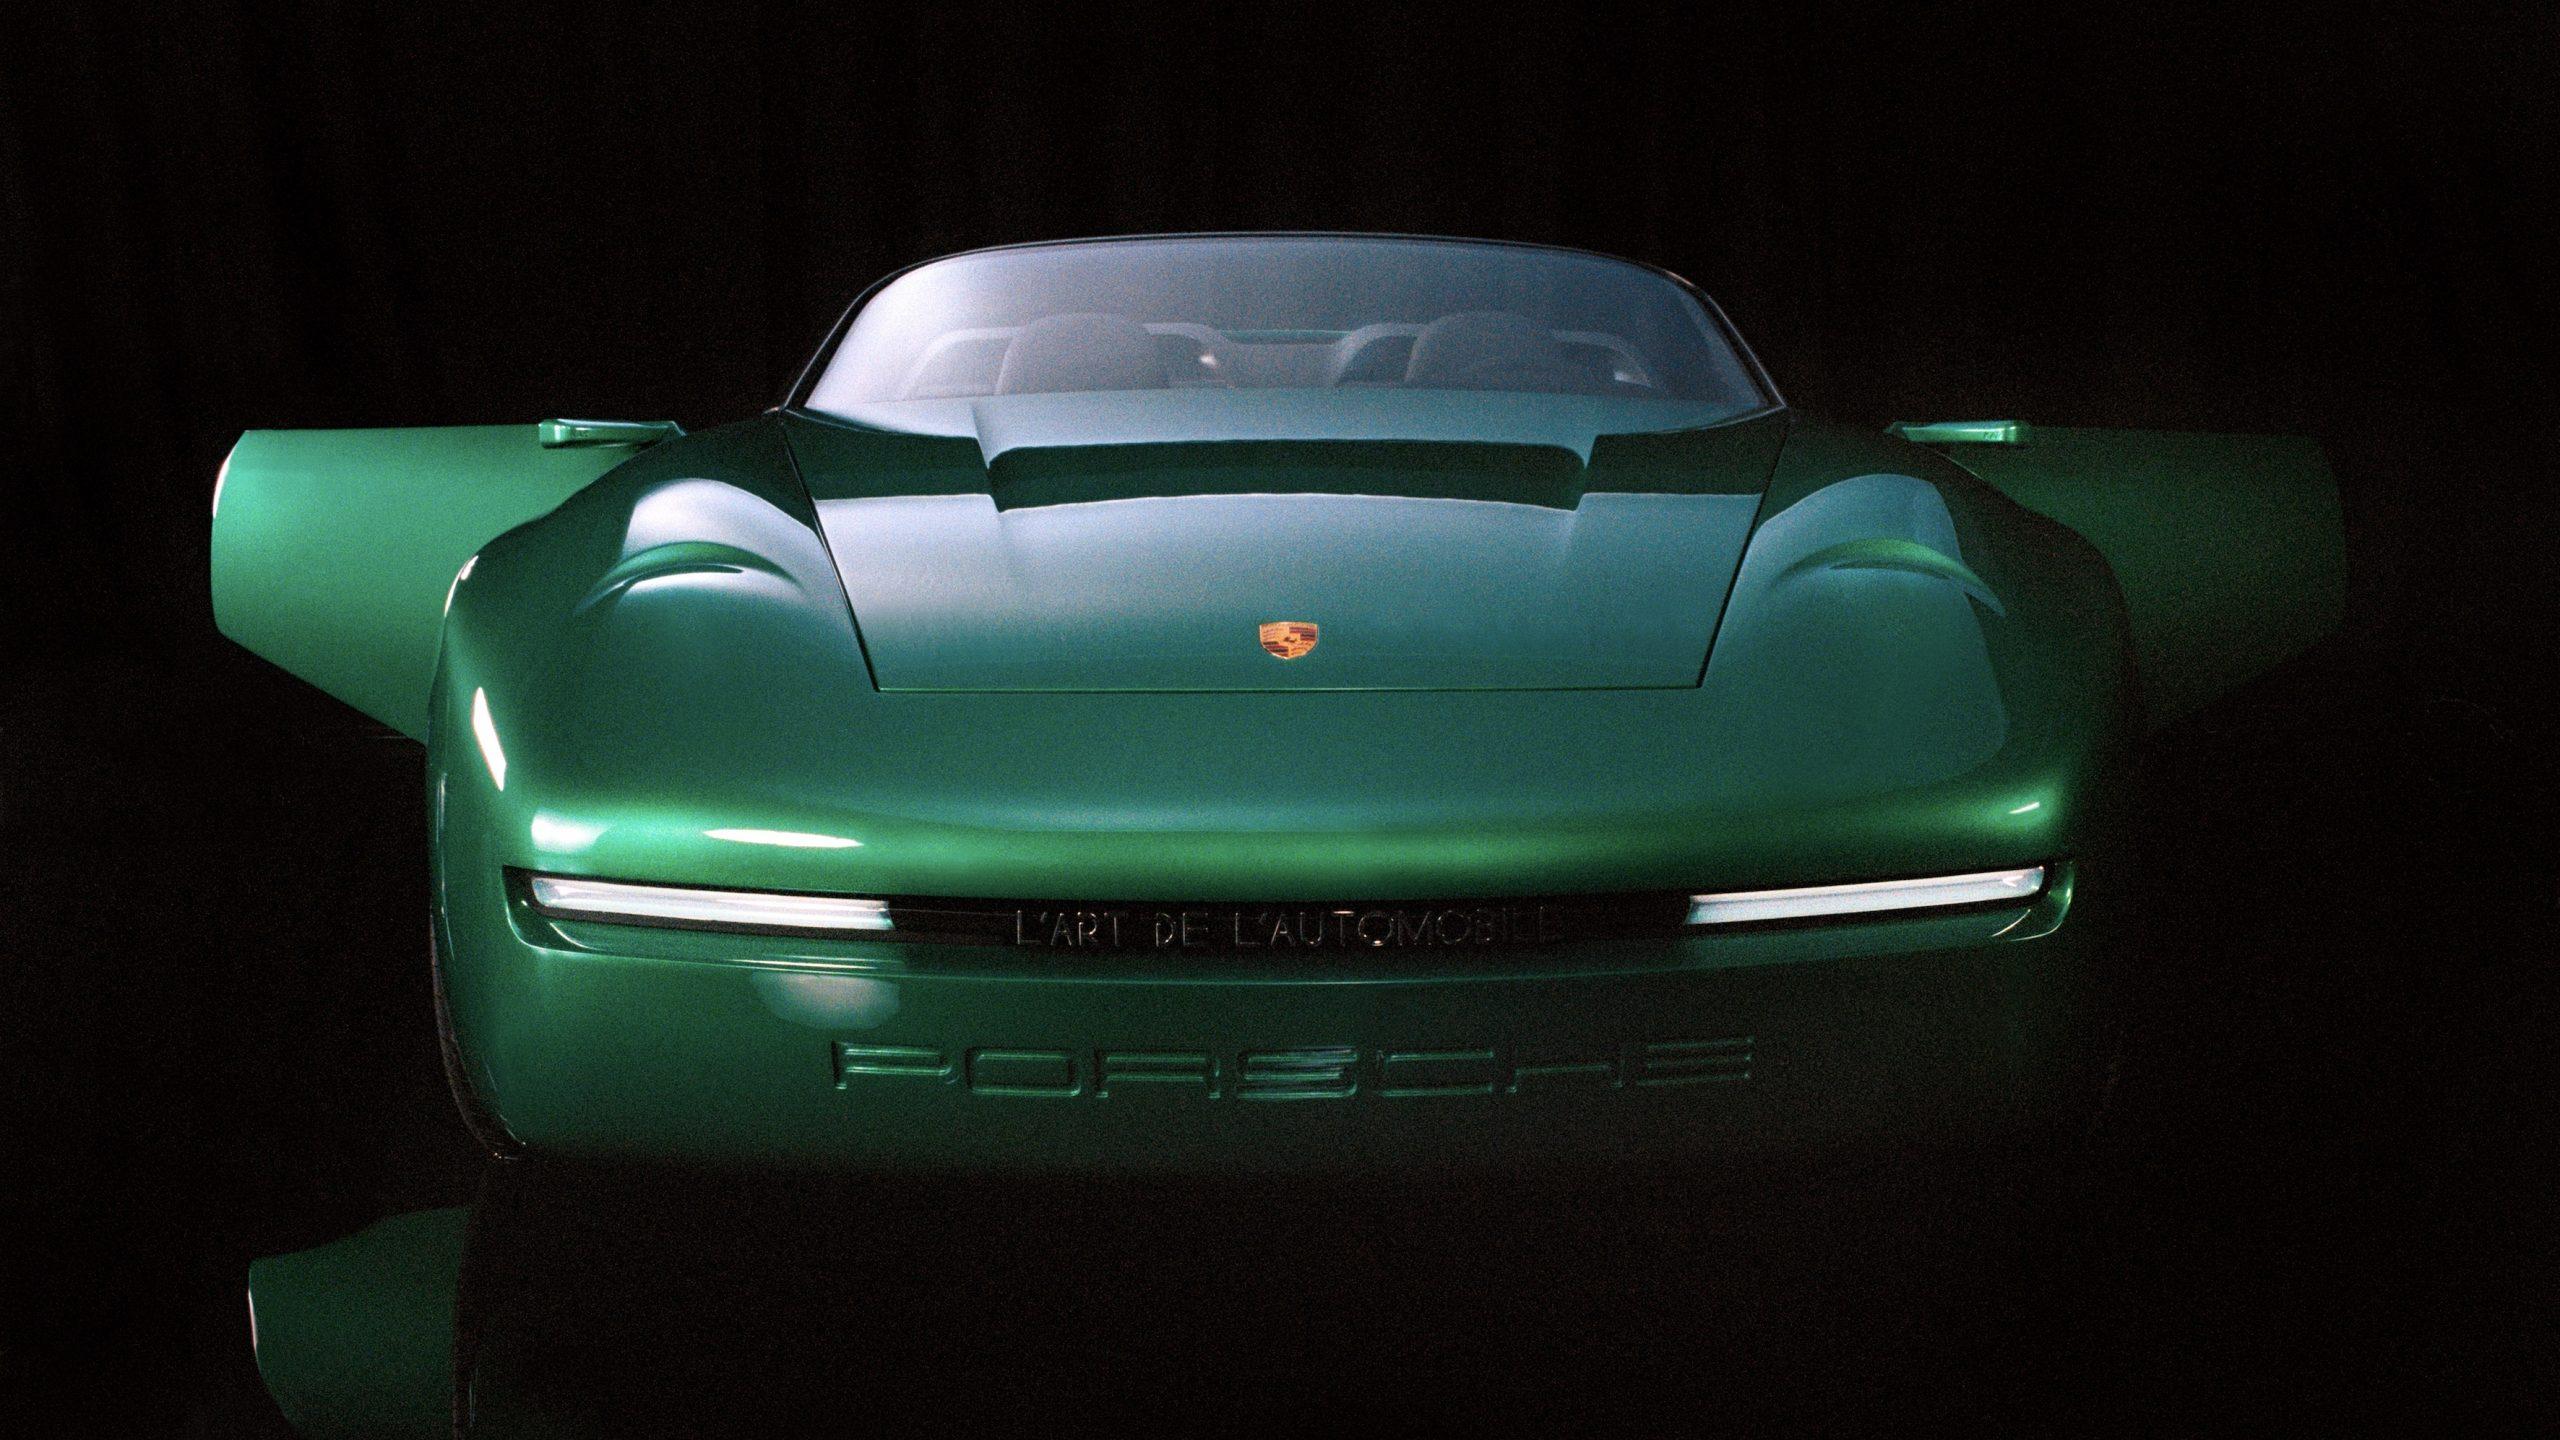 Porsche 968 l'art 3